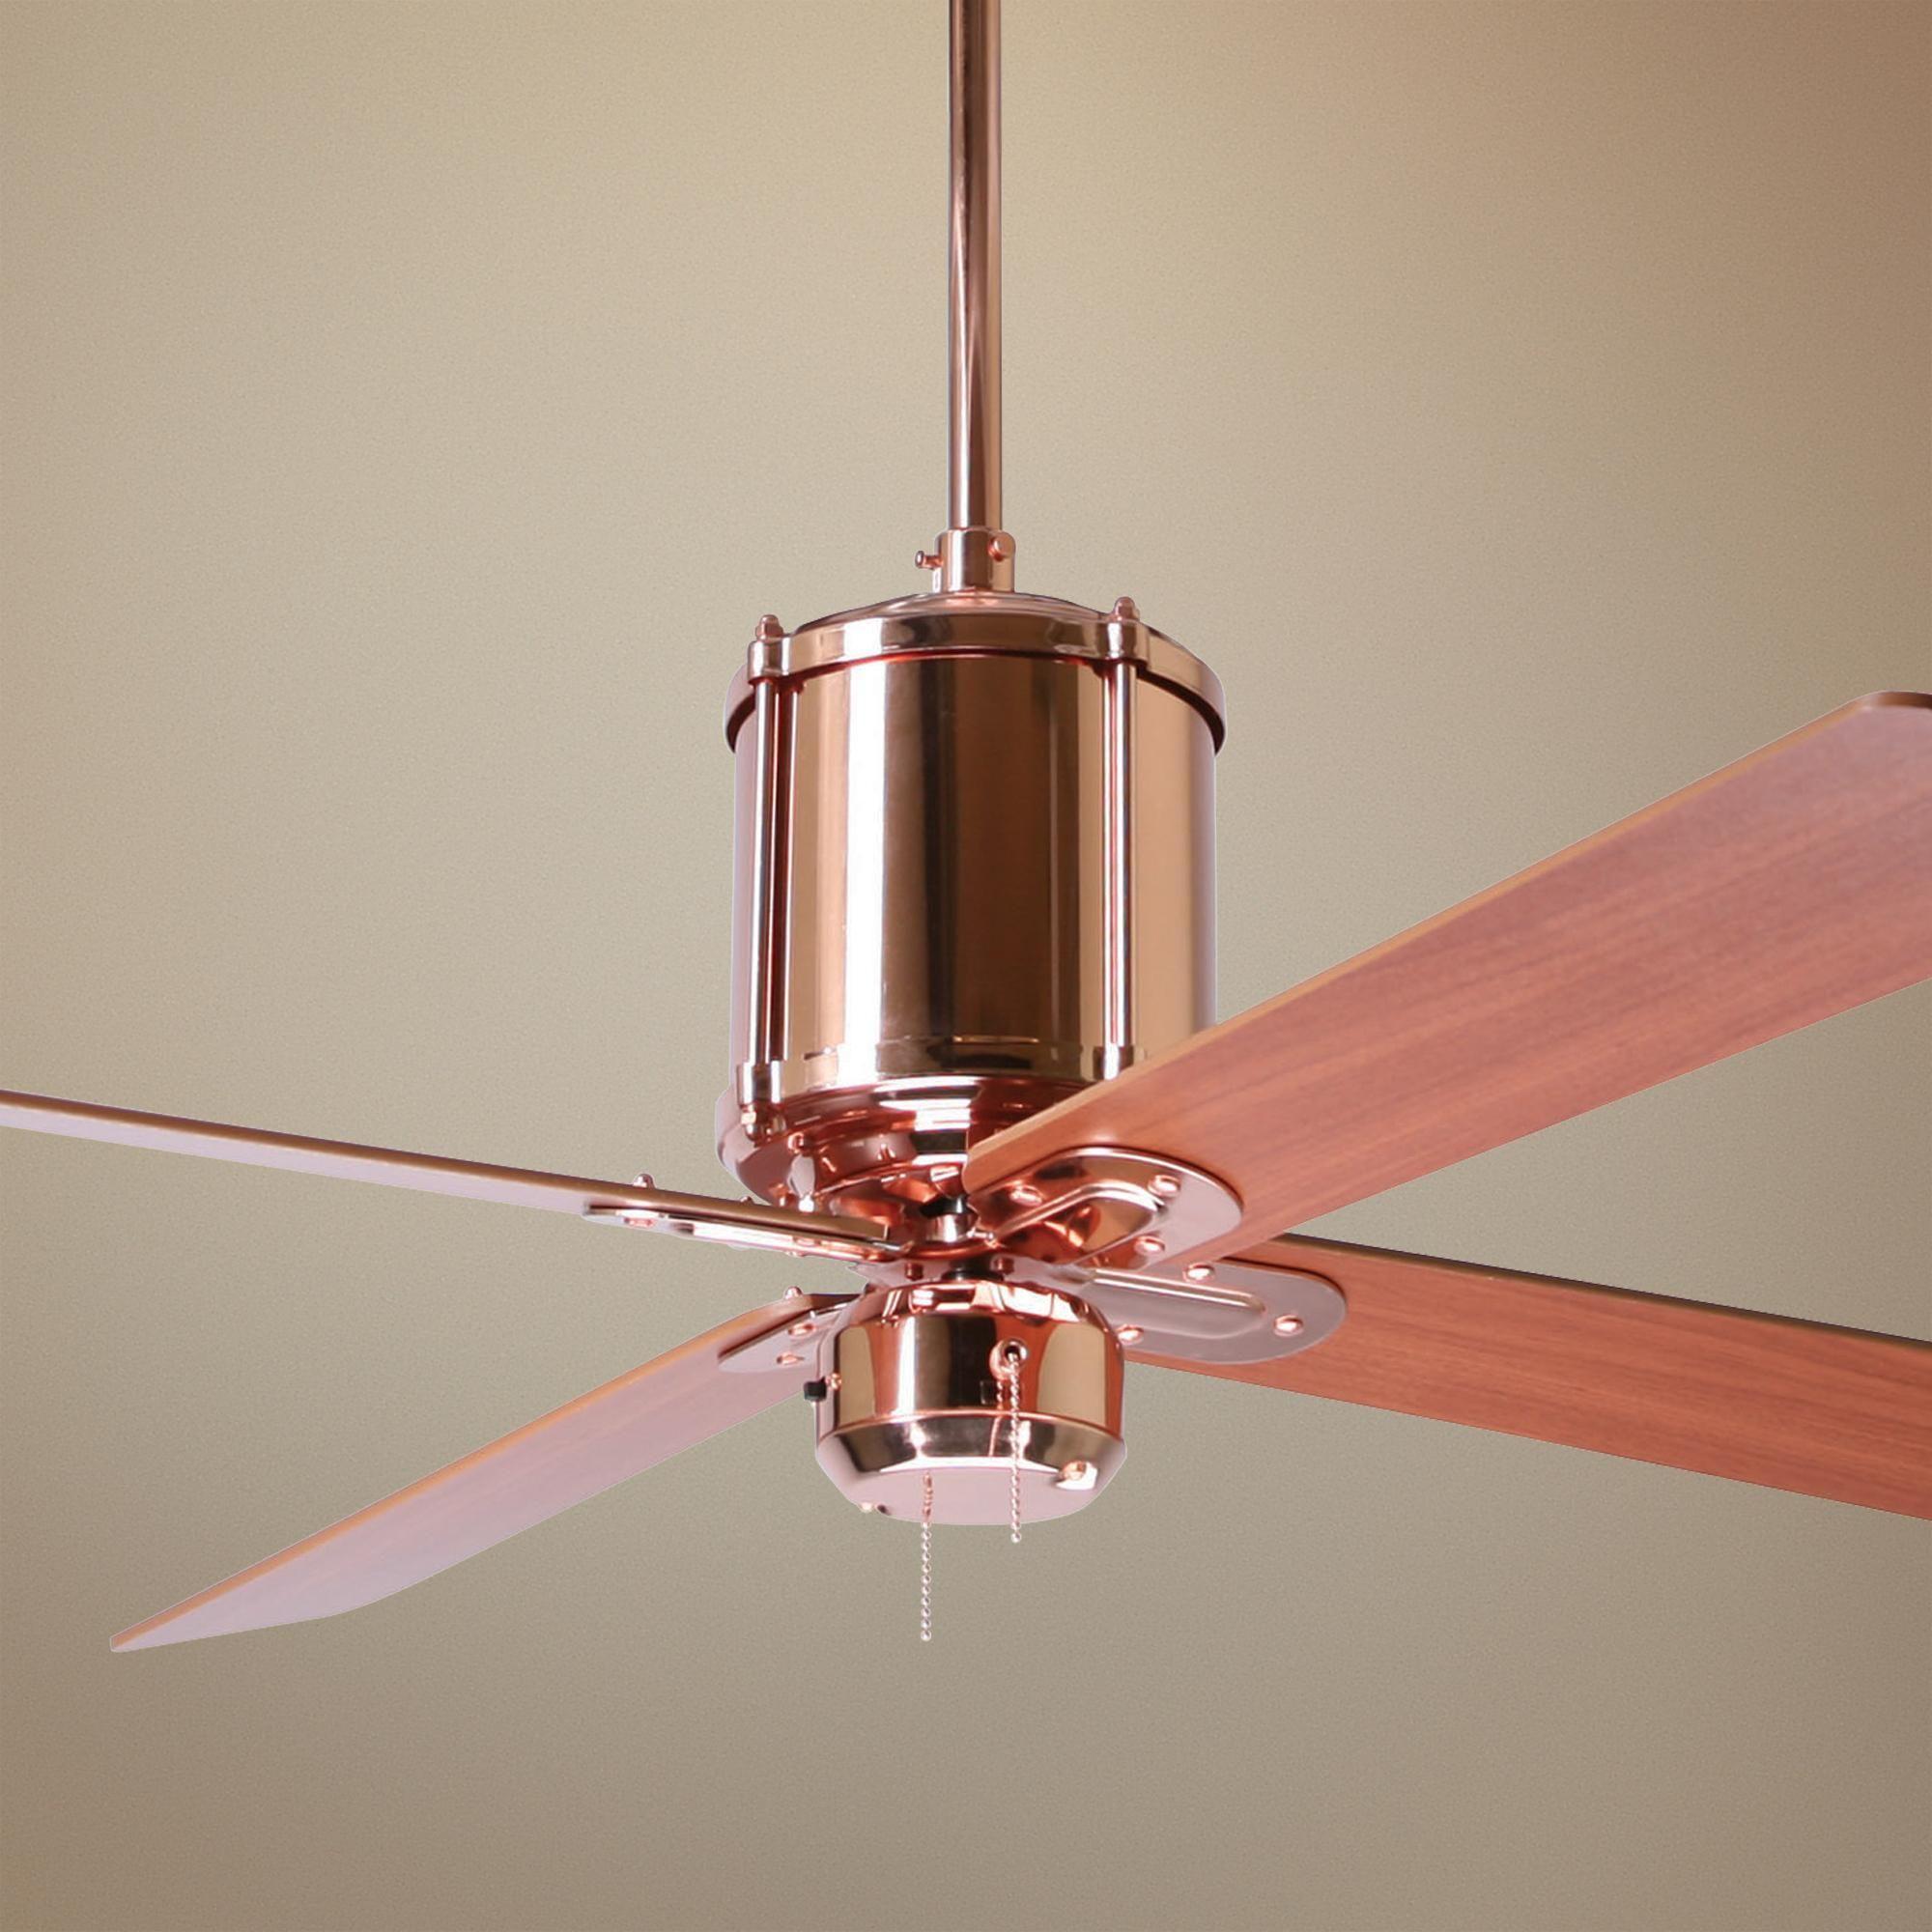 52 Industry Polished Copper Ceiling Fan Lampsplus